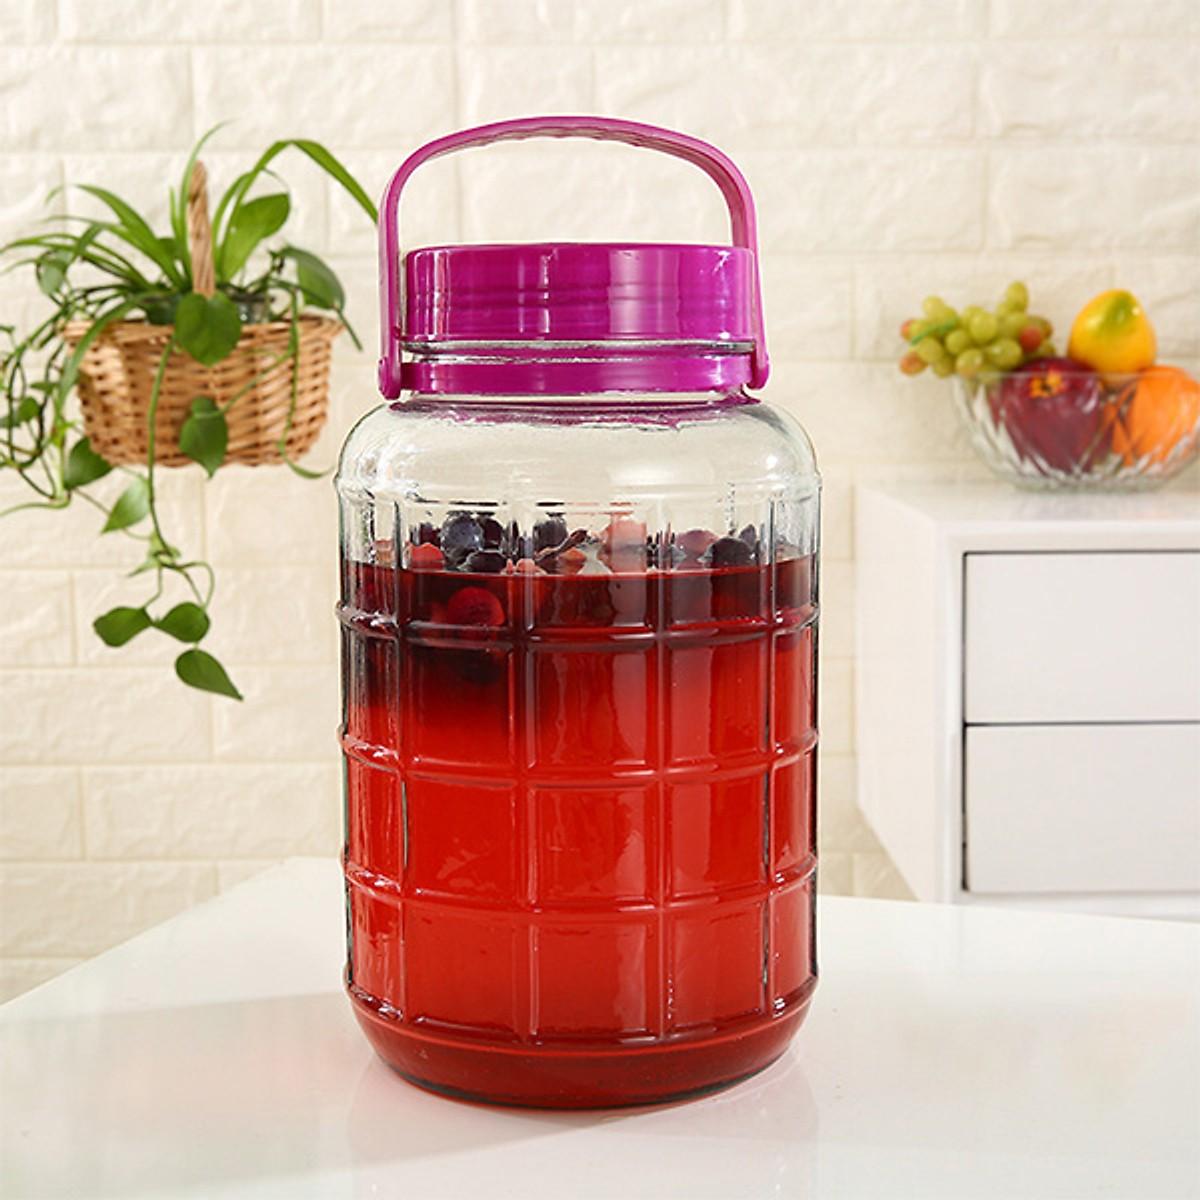 Bình ngâm rượu thủy tinh Nắp tím có van ngâm sâm, đinh lăng, táo mèo, nấm linh chi, hoa quả